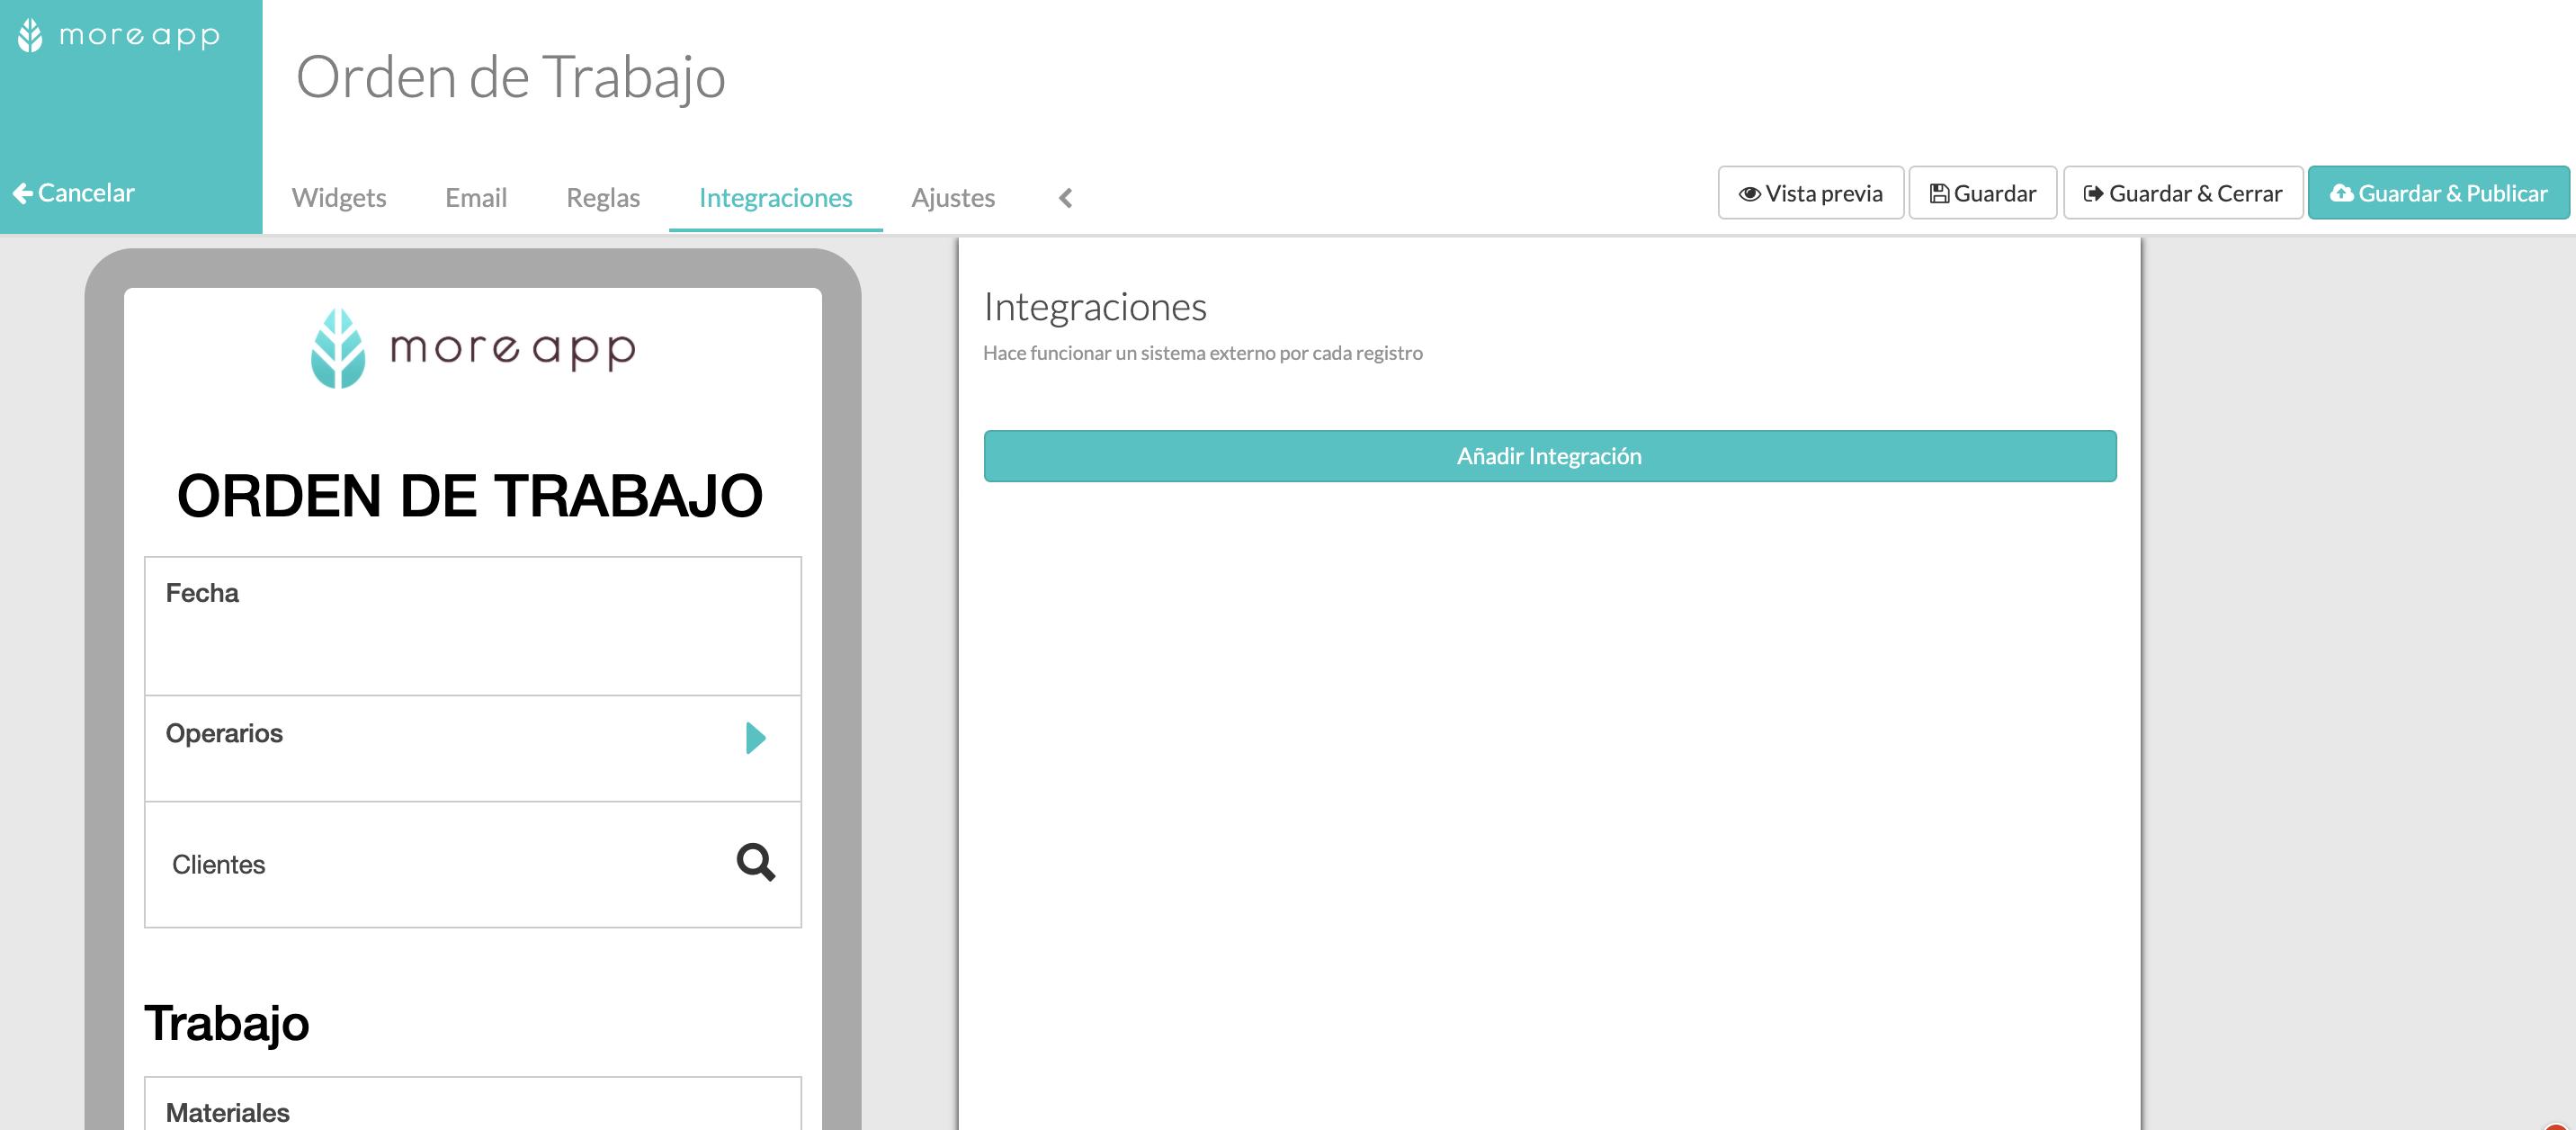 Añadir integración con MoreApp